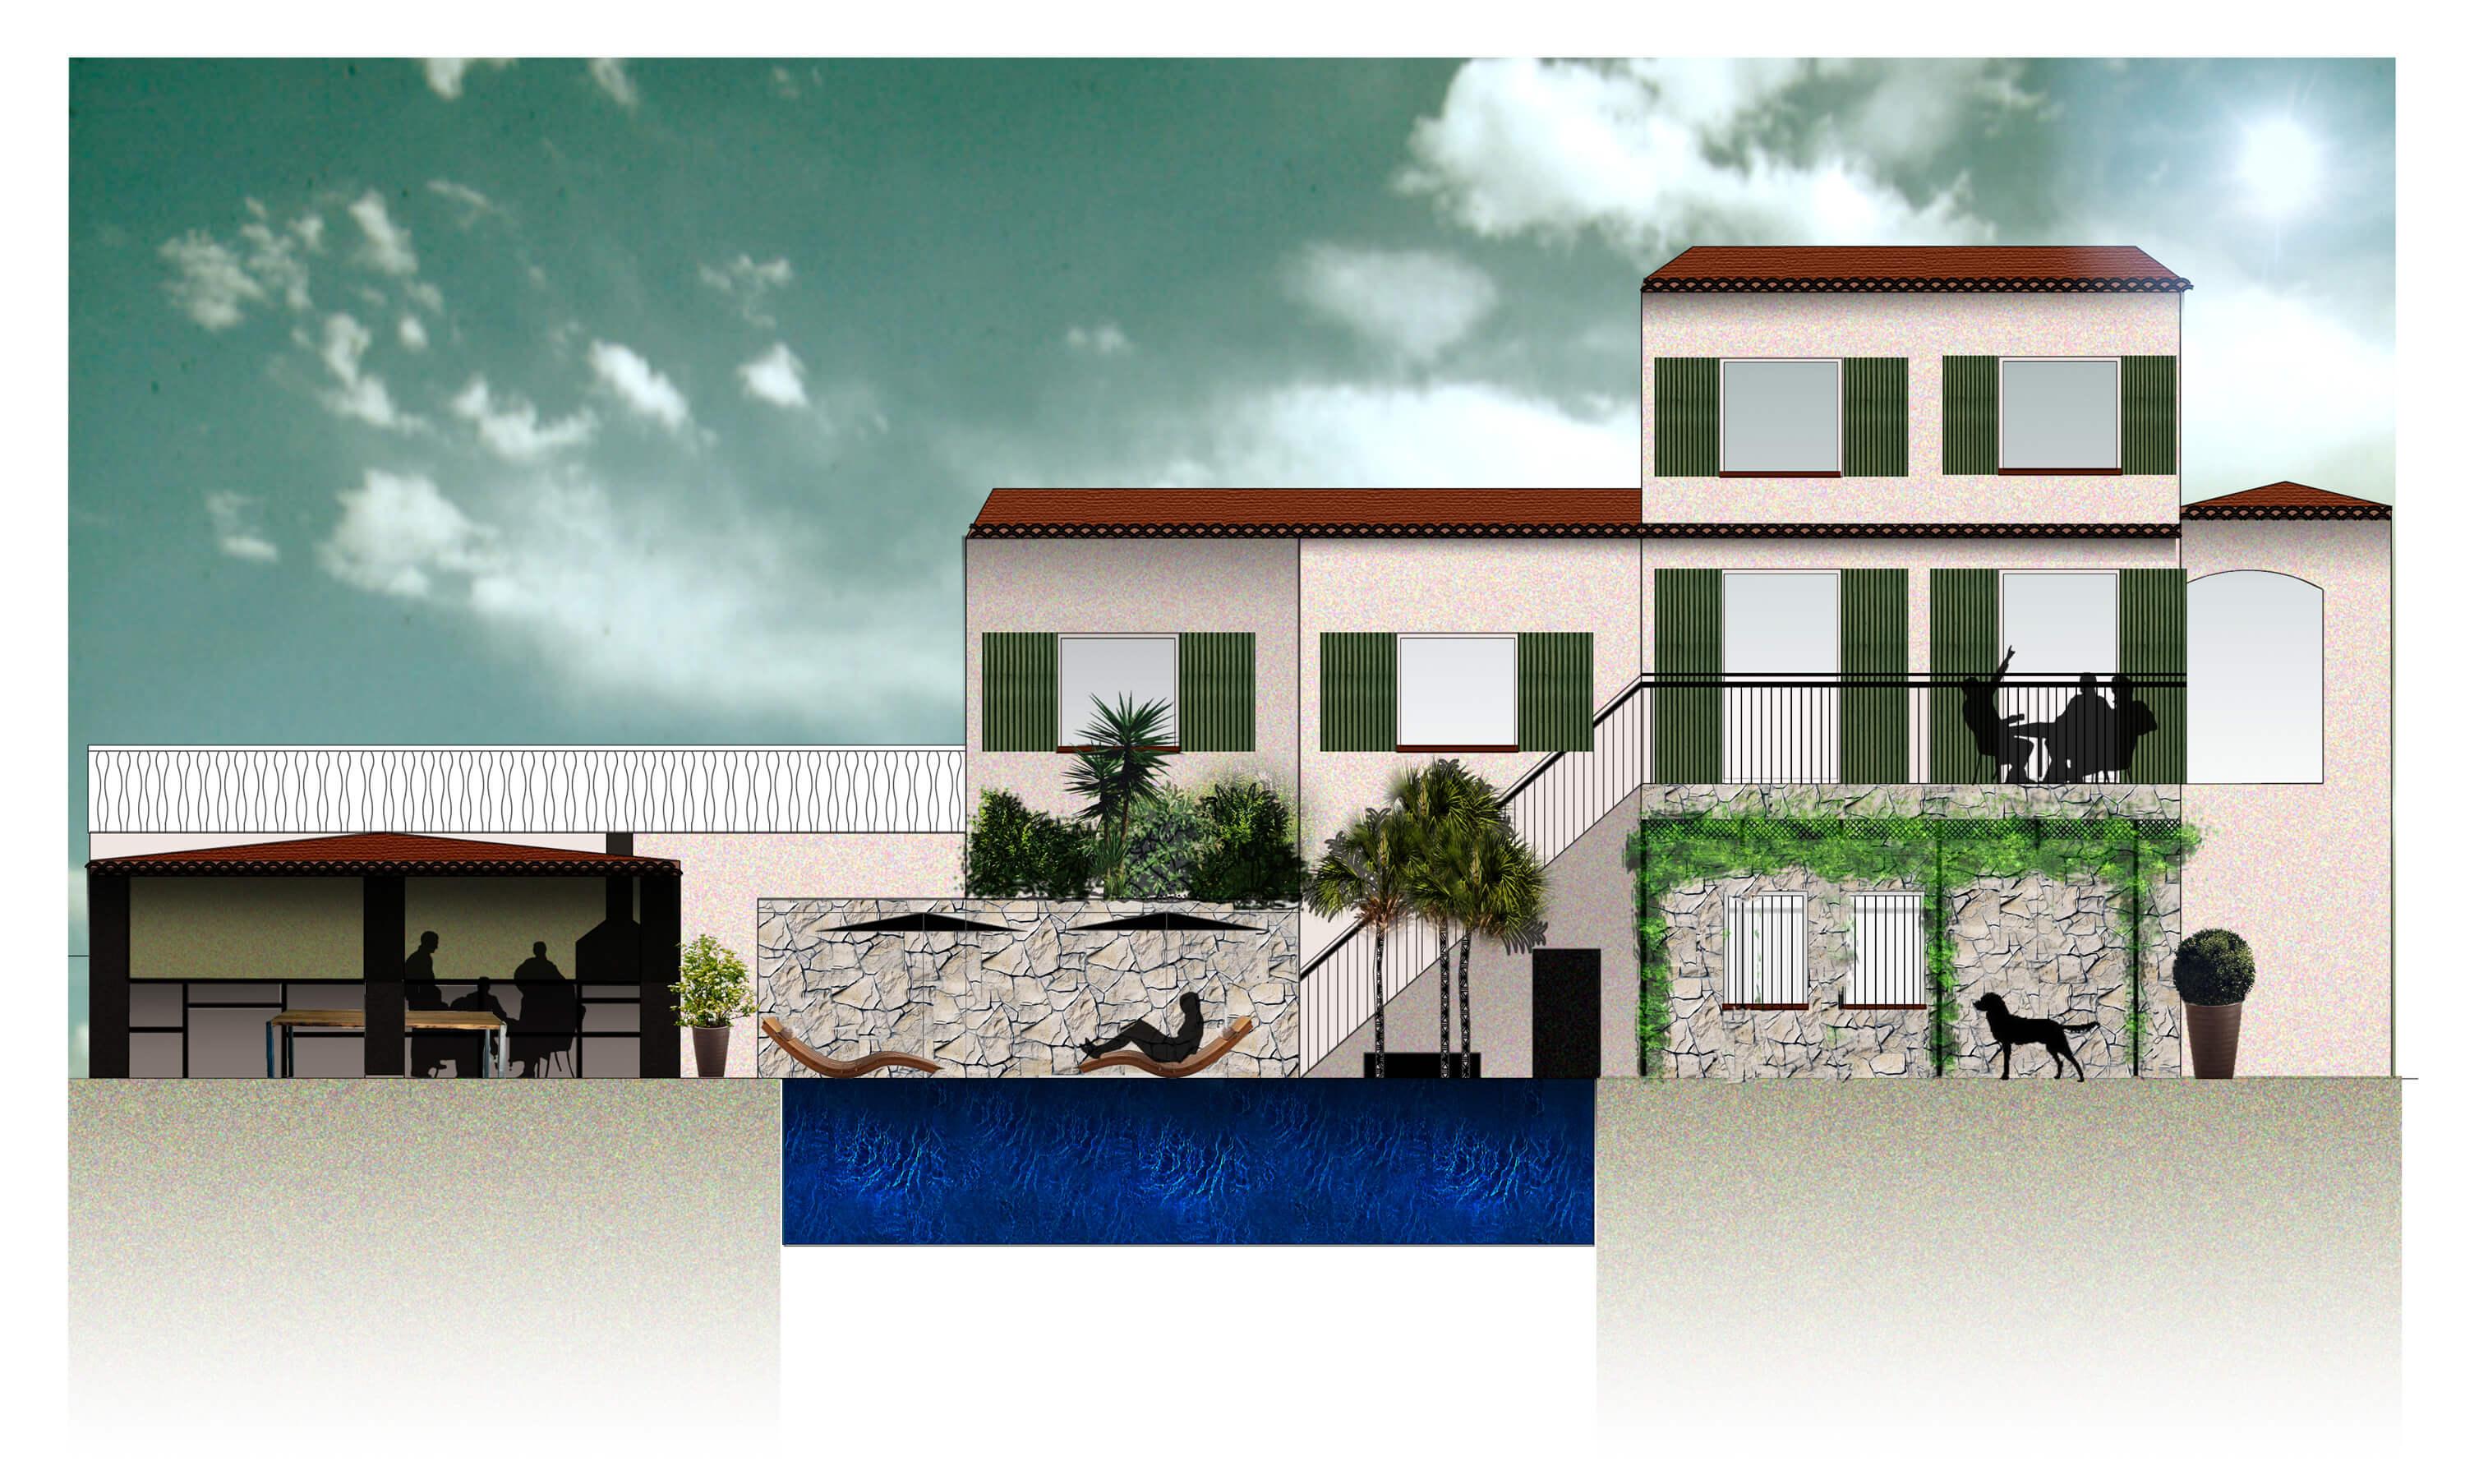 bureau d 39 tudes paysag res adonis paysages. Black Bedroom Furniture Sets. Home Design Ideas